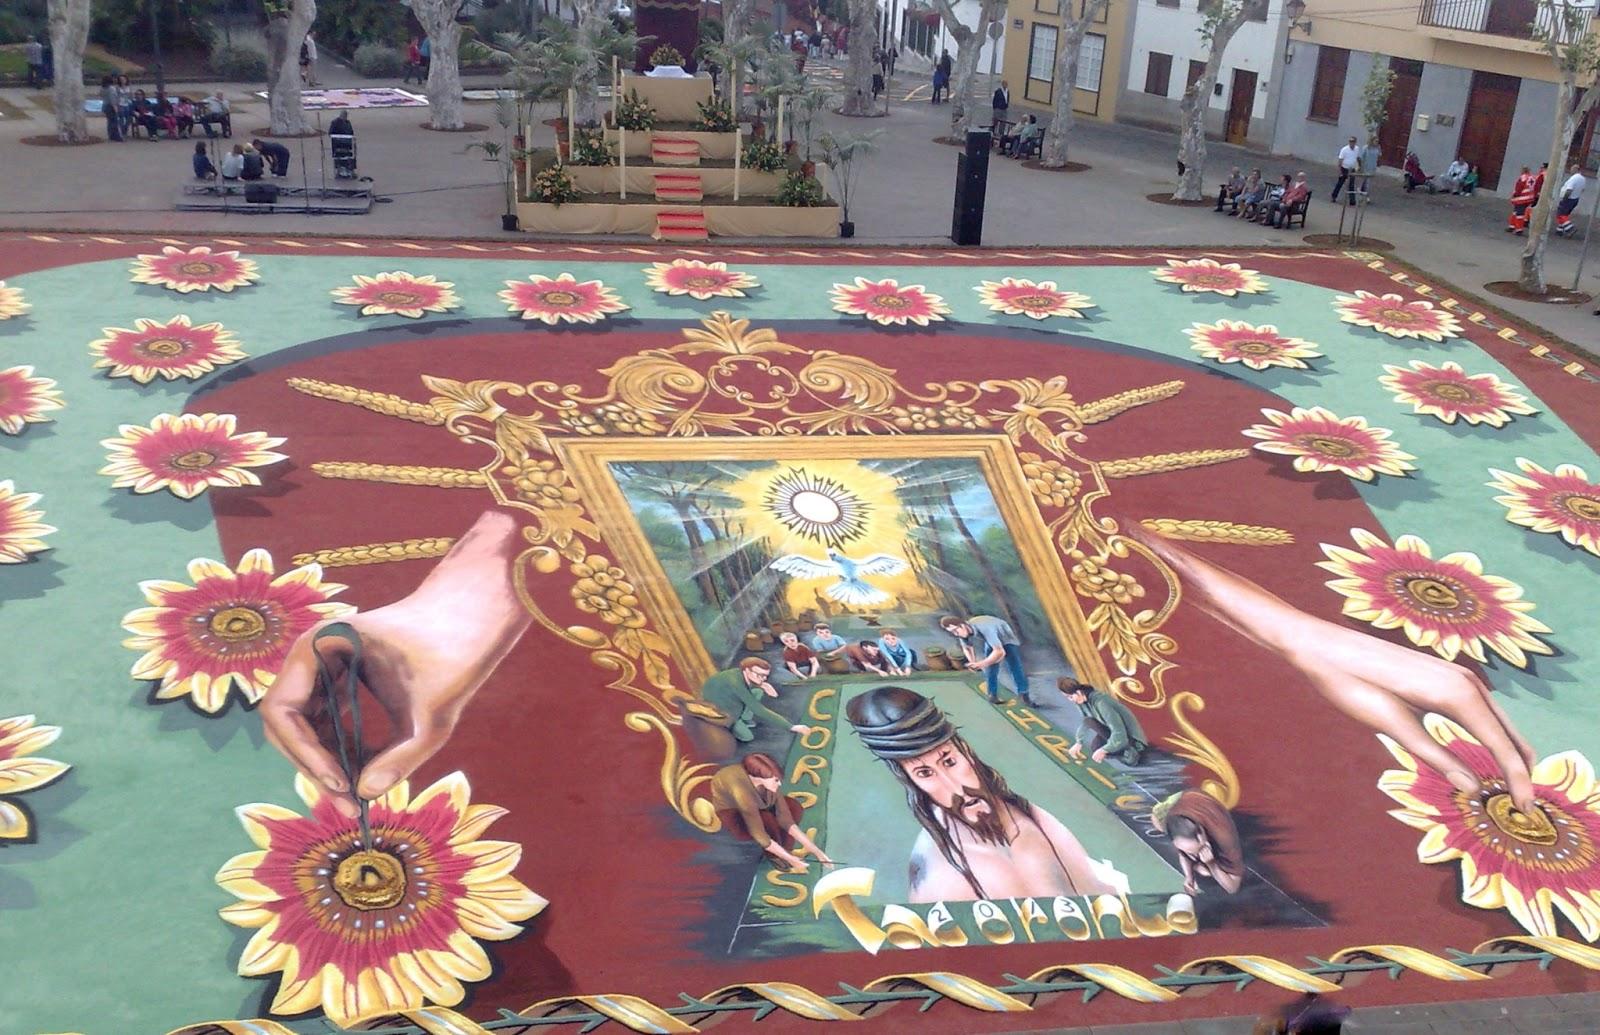 El mundo de hada alfombras del corpus 2013 en tacoronte for Alfombras el mundo